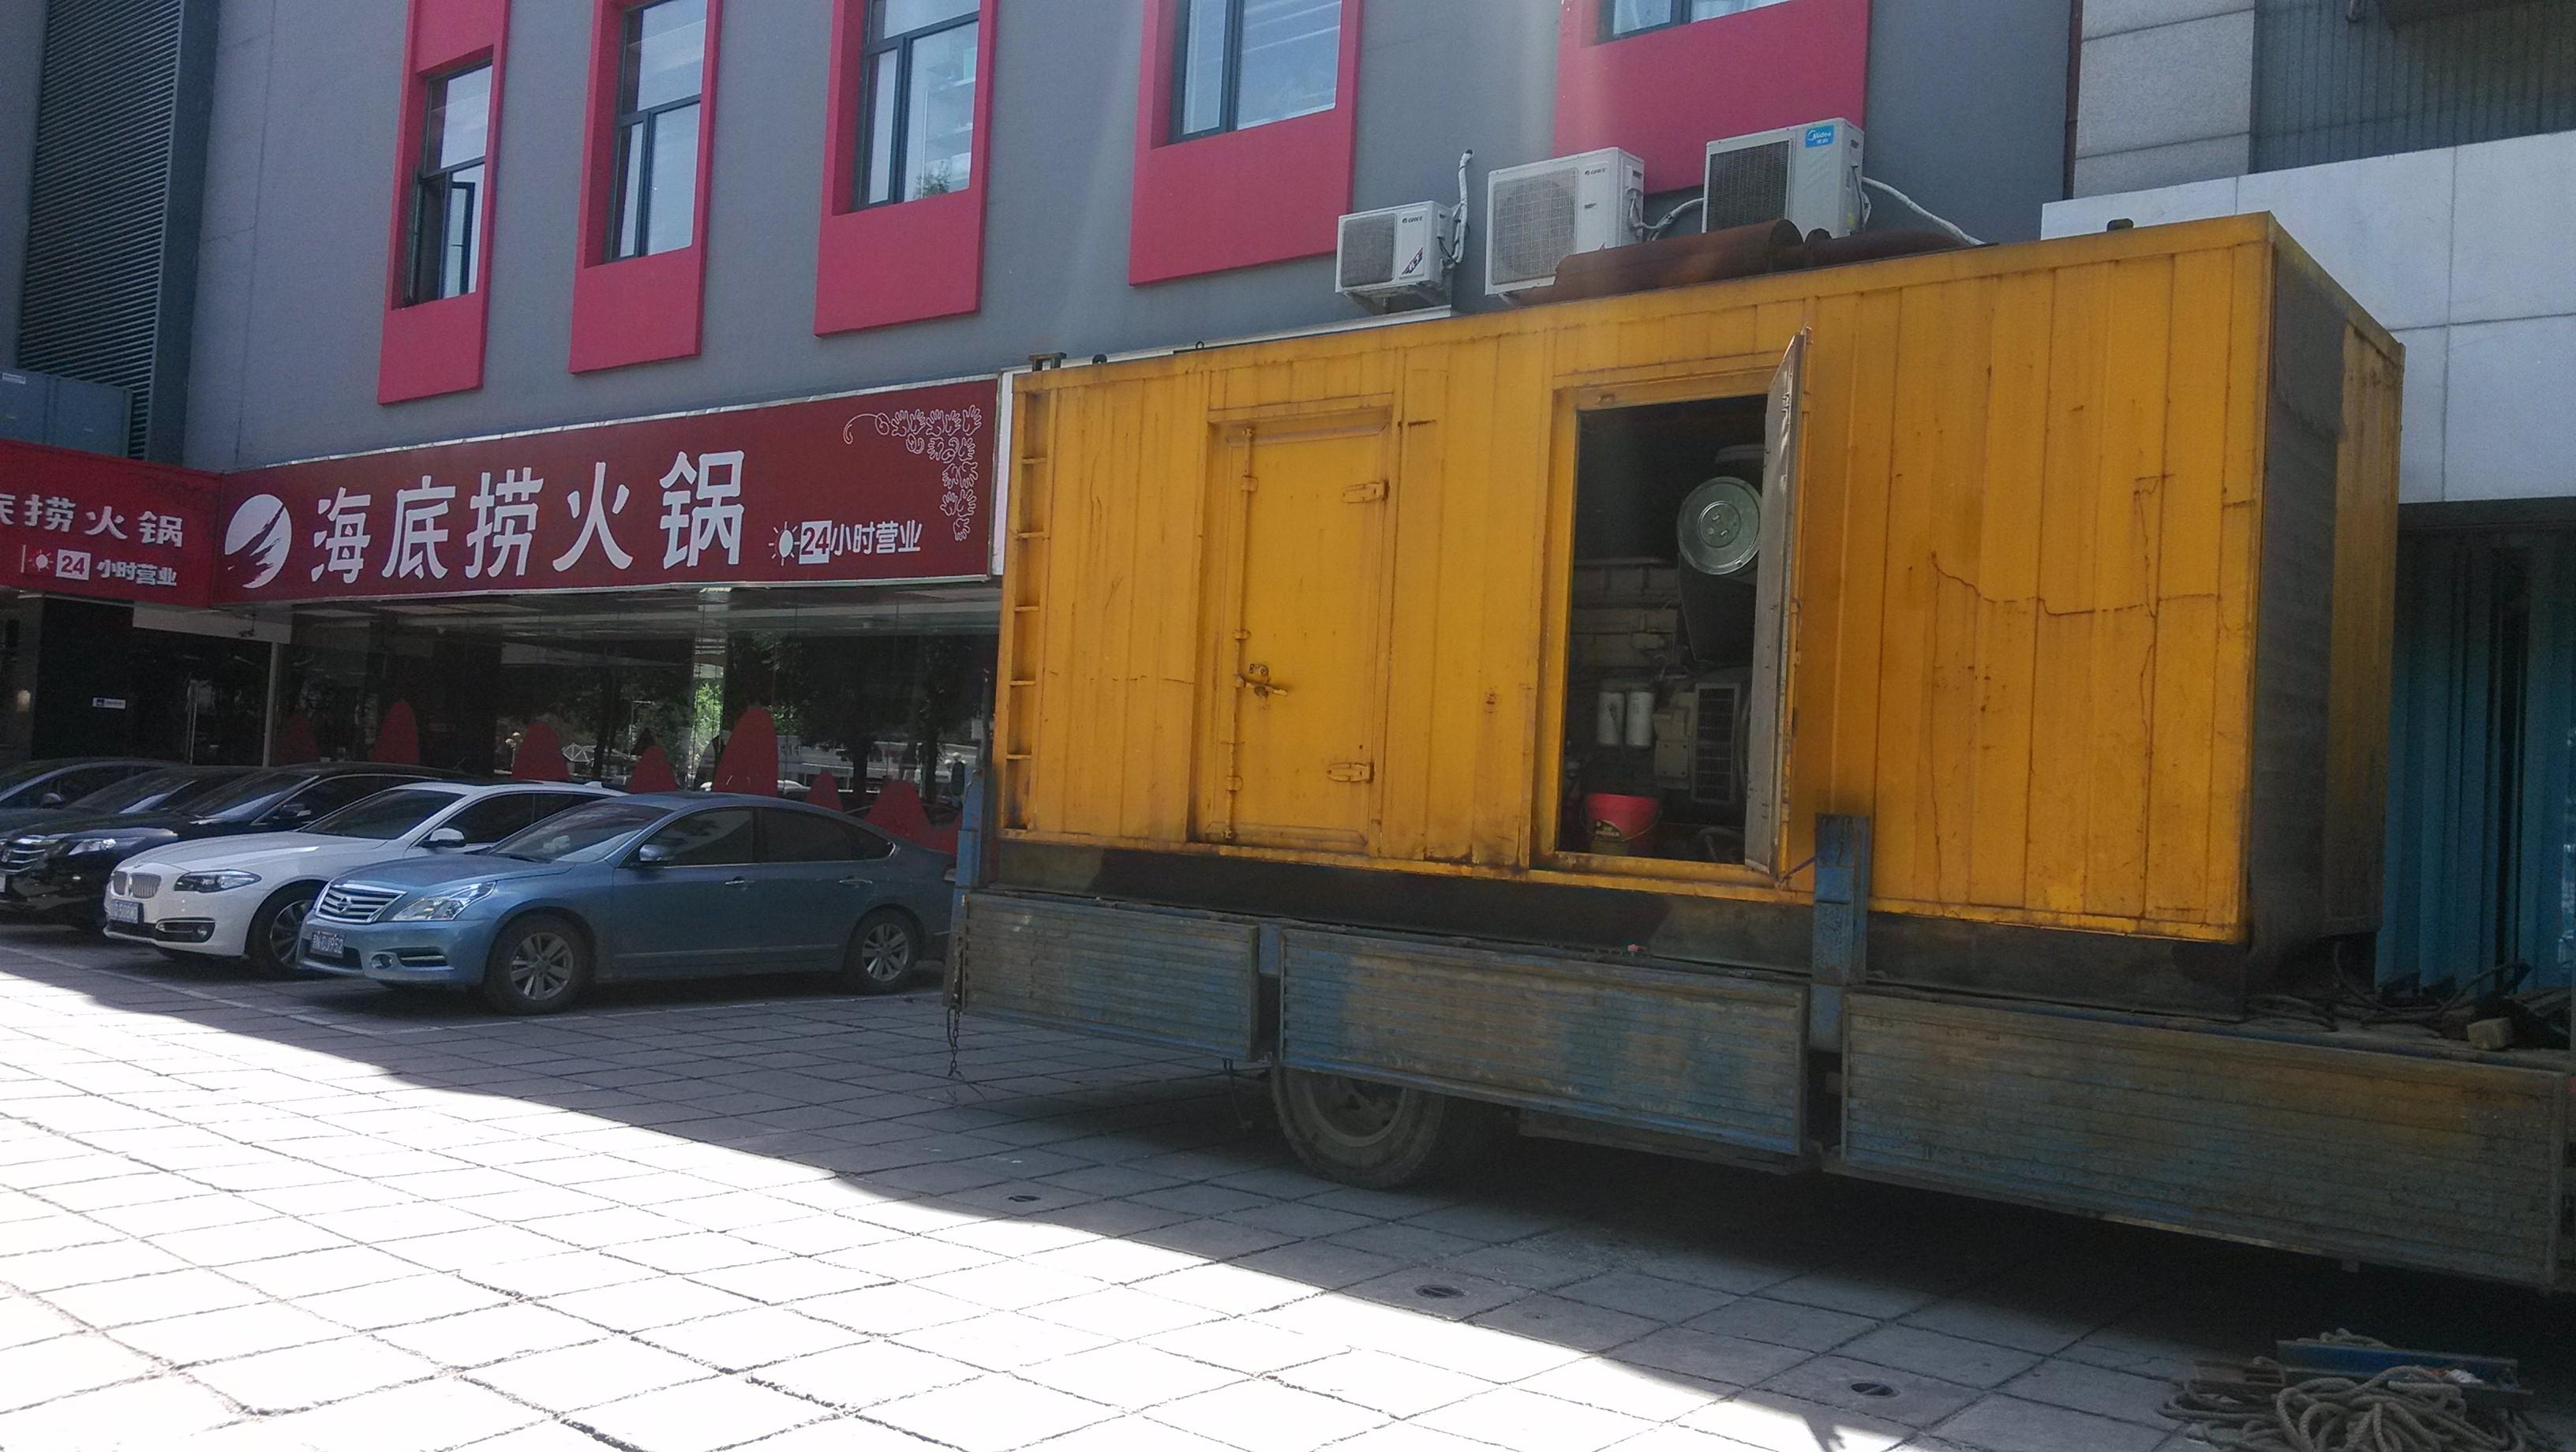 北京方庄海底捞火锅店租赁沃尔沃900kw发电机